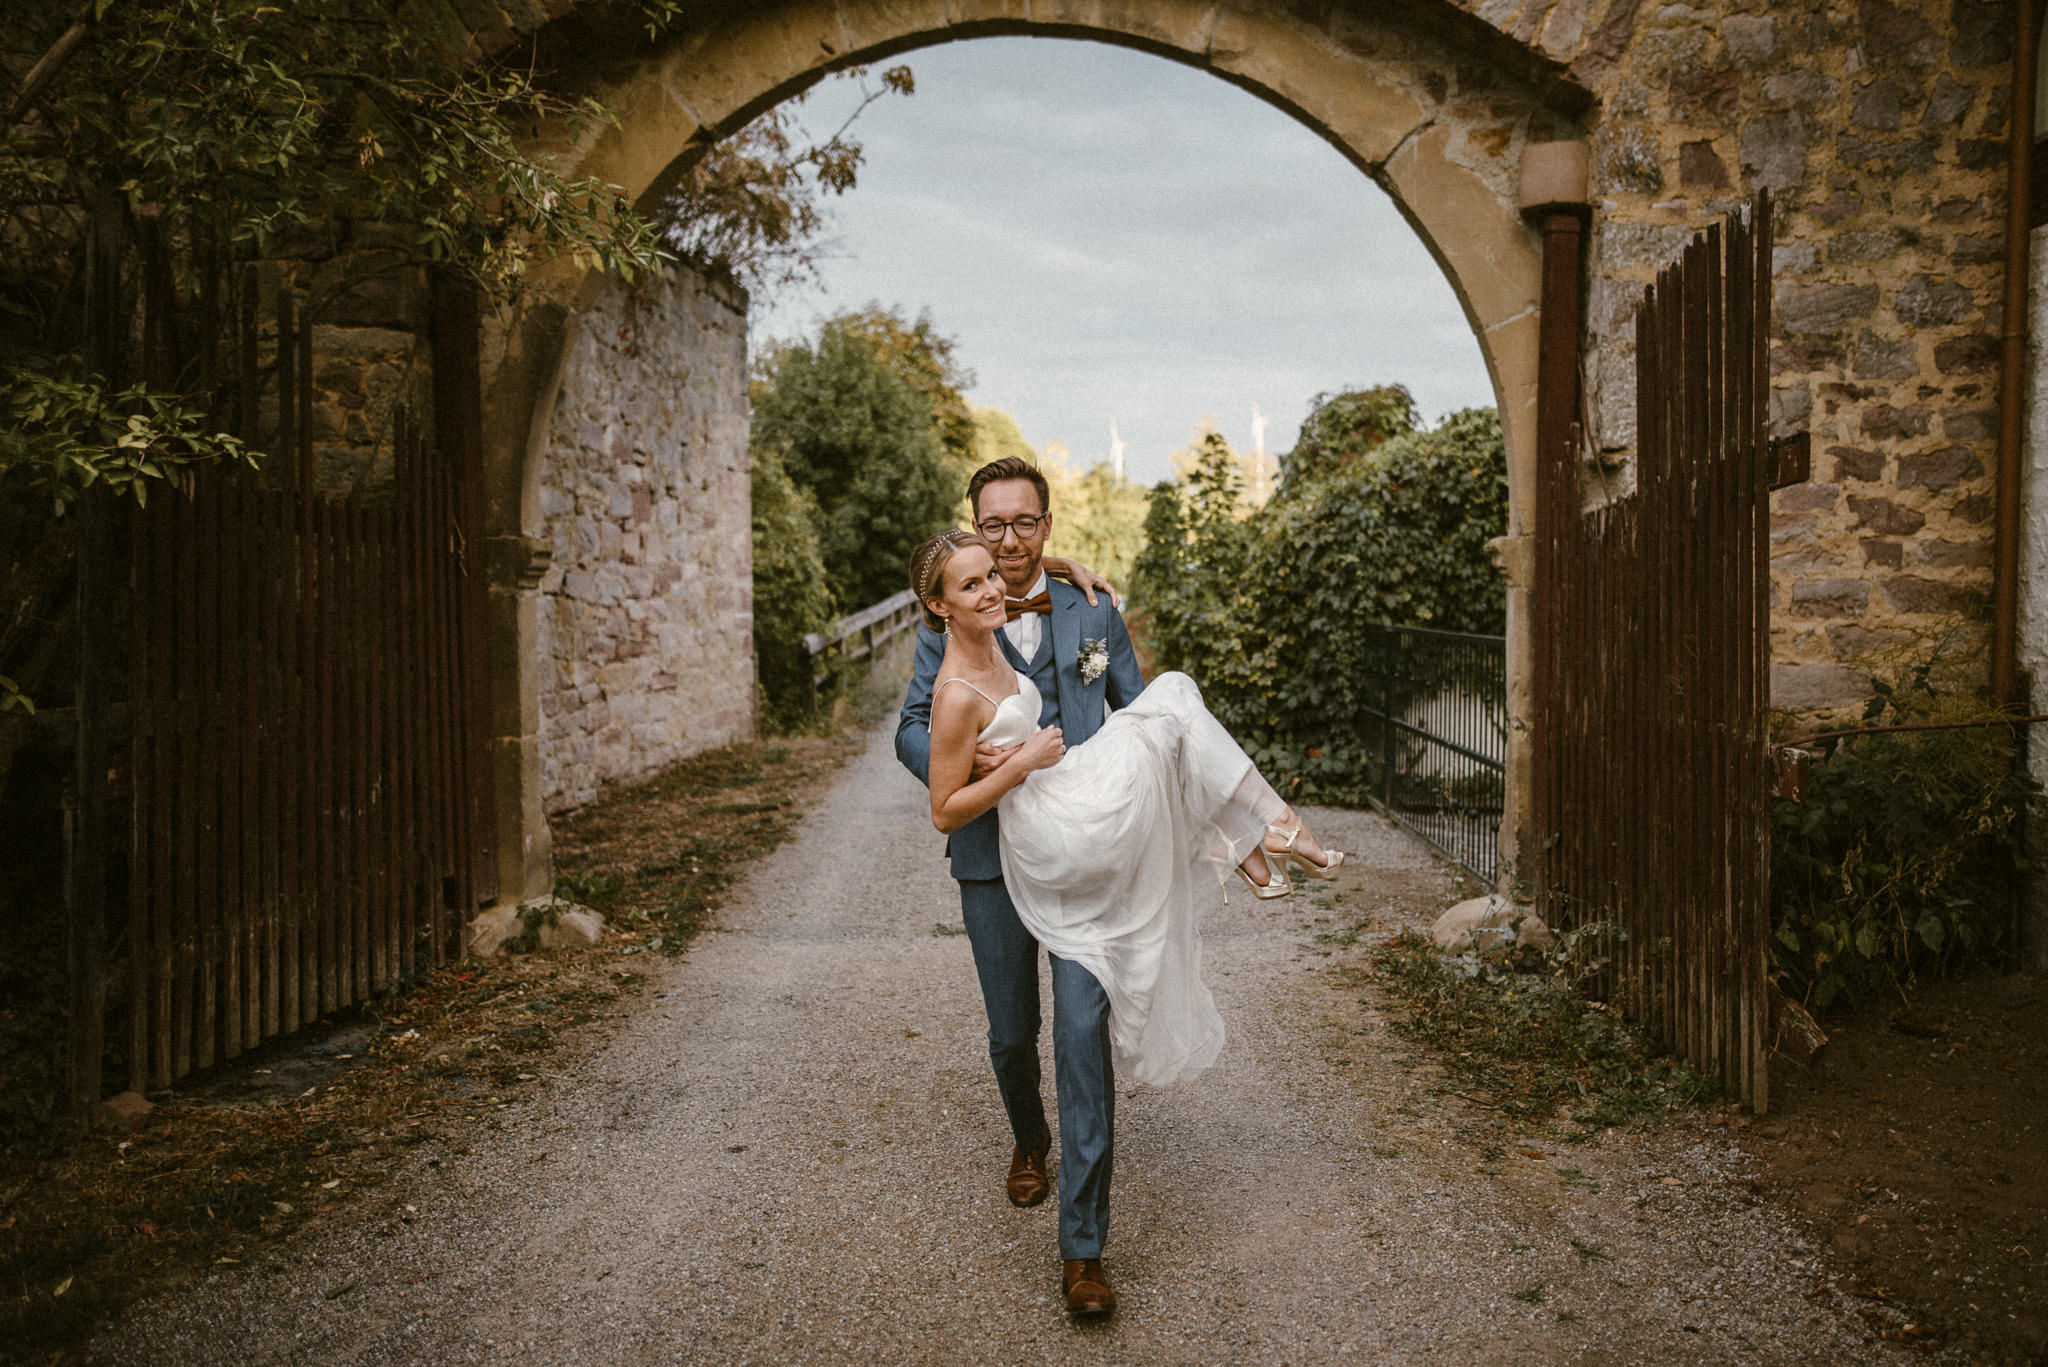 Timo Hess Fotografie Hochzeitsfotograf Leipzig Hochzeitsfotografie Presets Thered Timo Hess Fotografie Presets (1 Von 1) 13